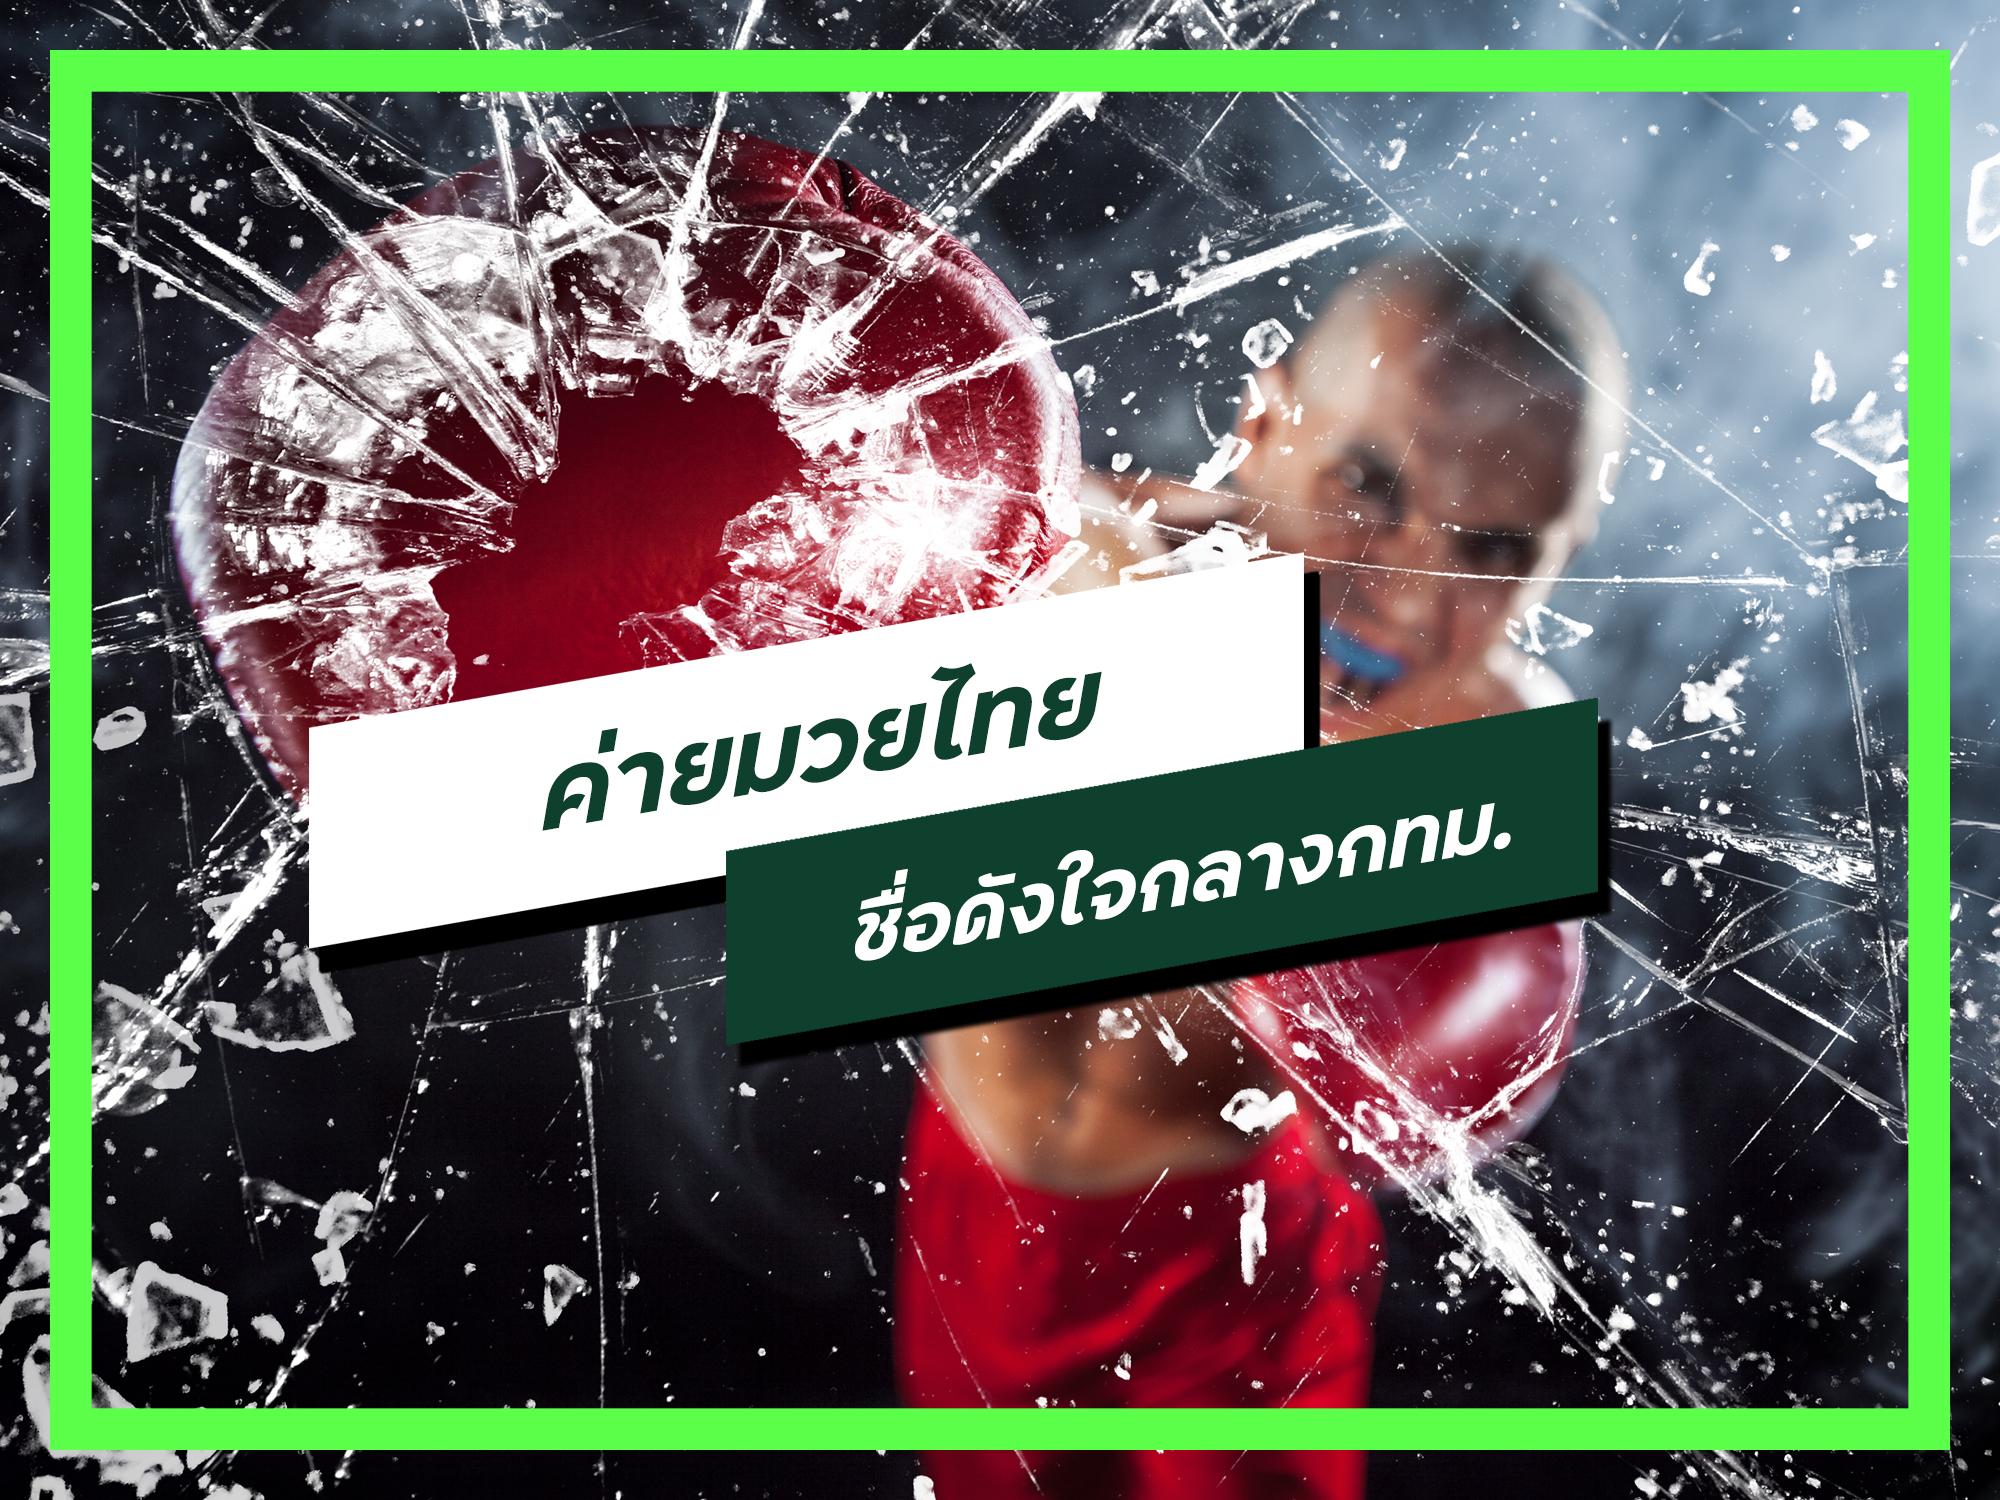 ค่ายมวยไทย ชื่อดังใจกลางกทม.